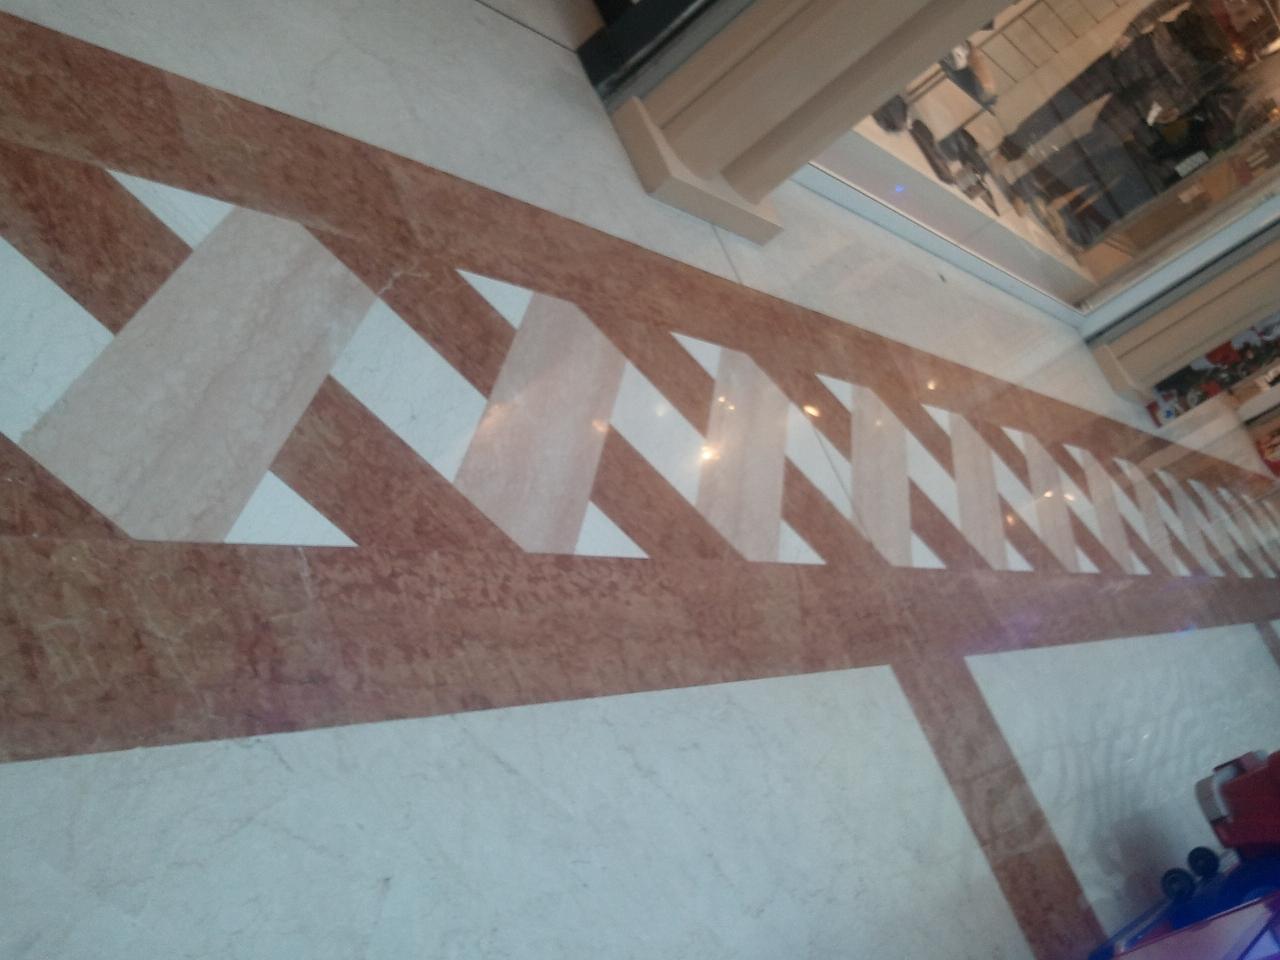 Pavimento Rosso E Bianco : Zem enrico marmi vendita piastrelle di marmo e pietra da tutto il